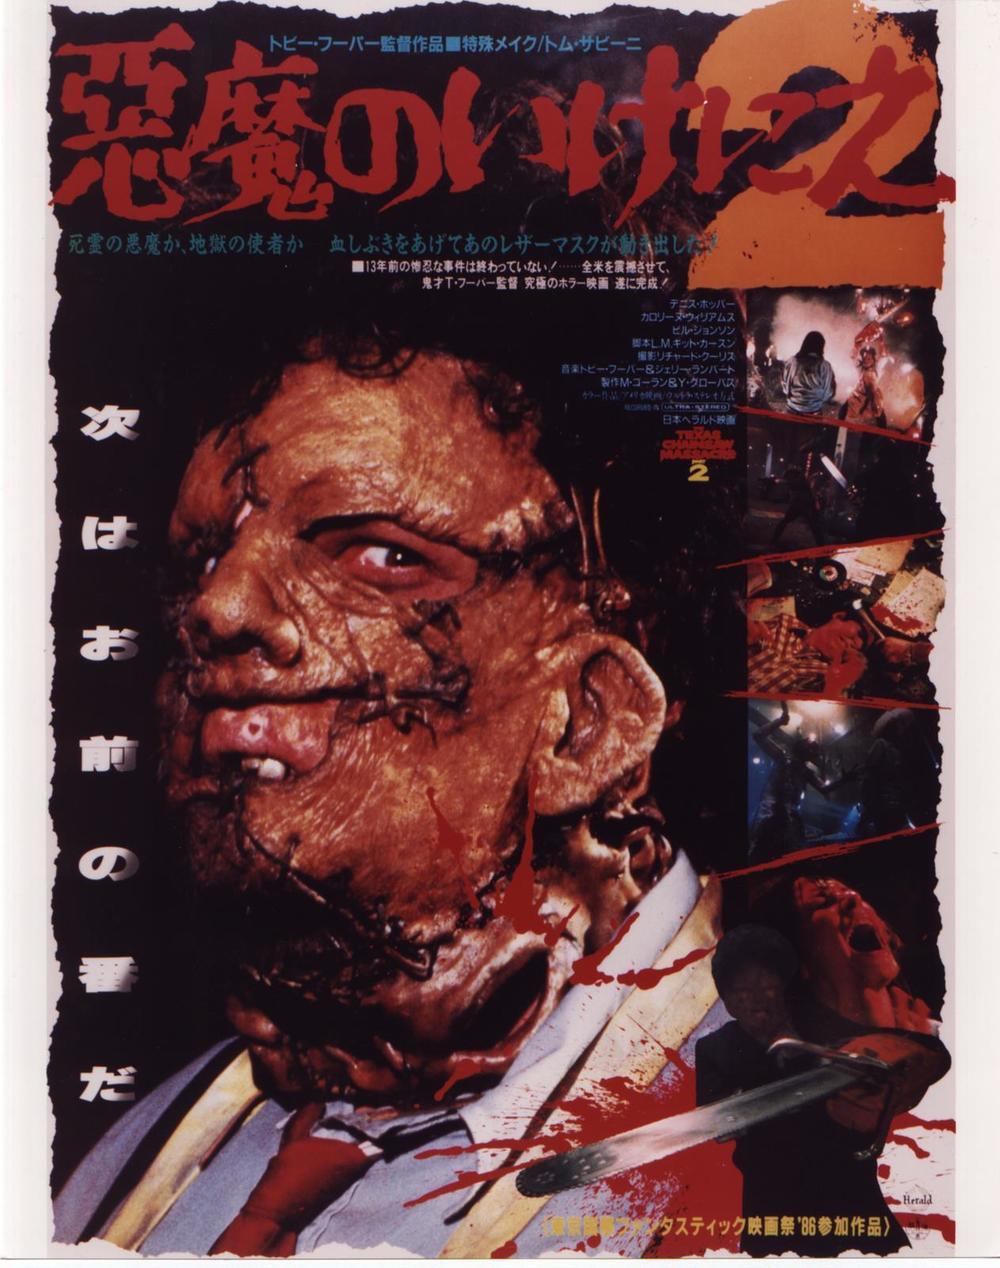 Japanese Poster 1.jpg